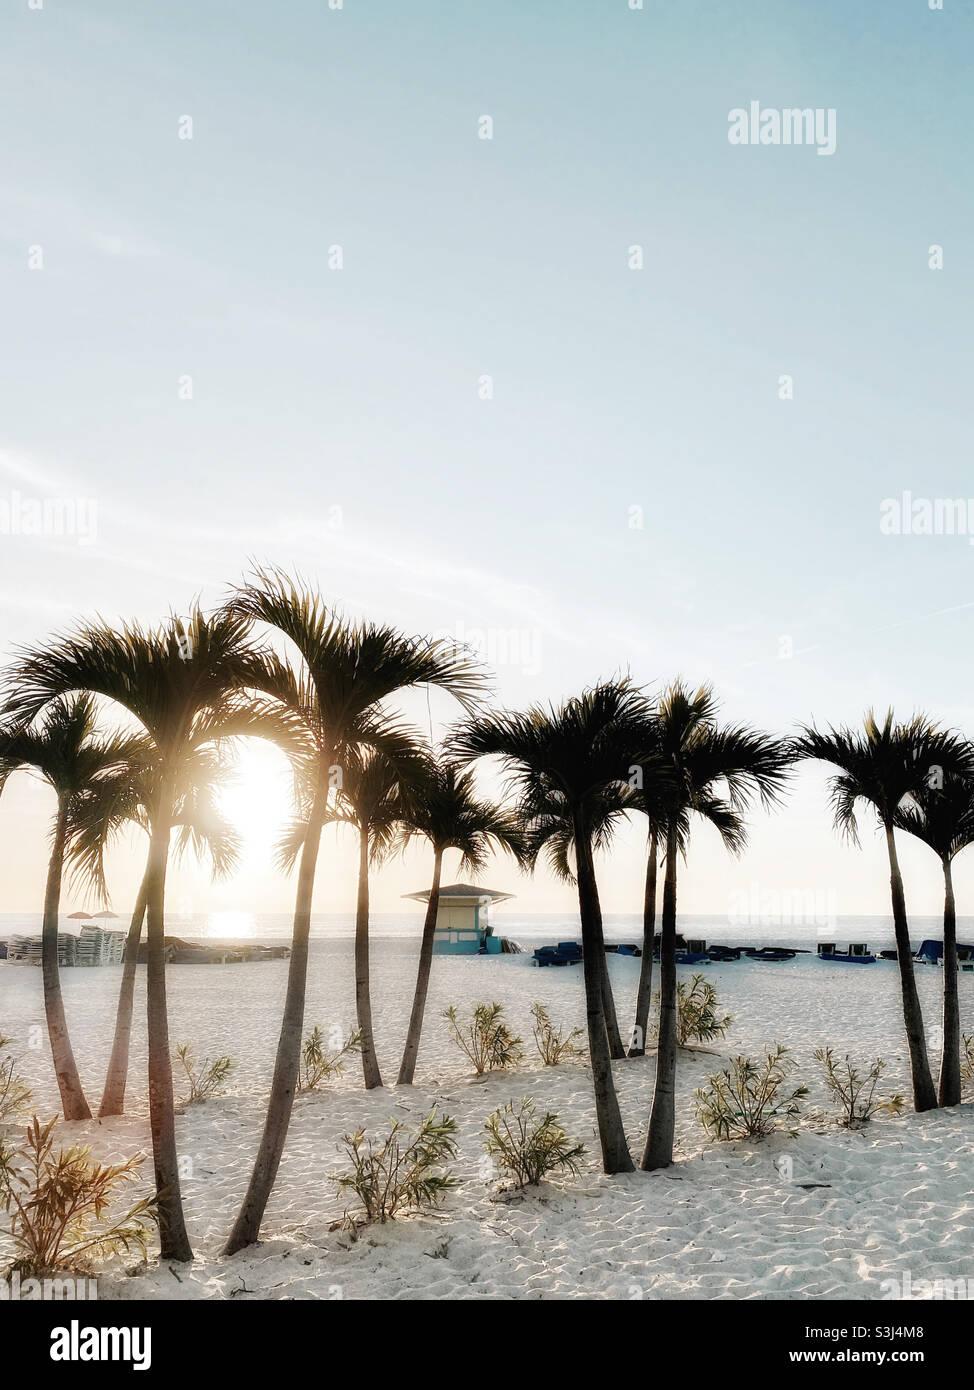 Palmiers sur St. Pete Beach, Floride Banque D'Images